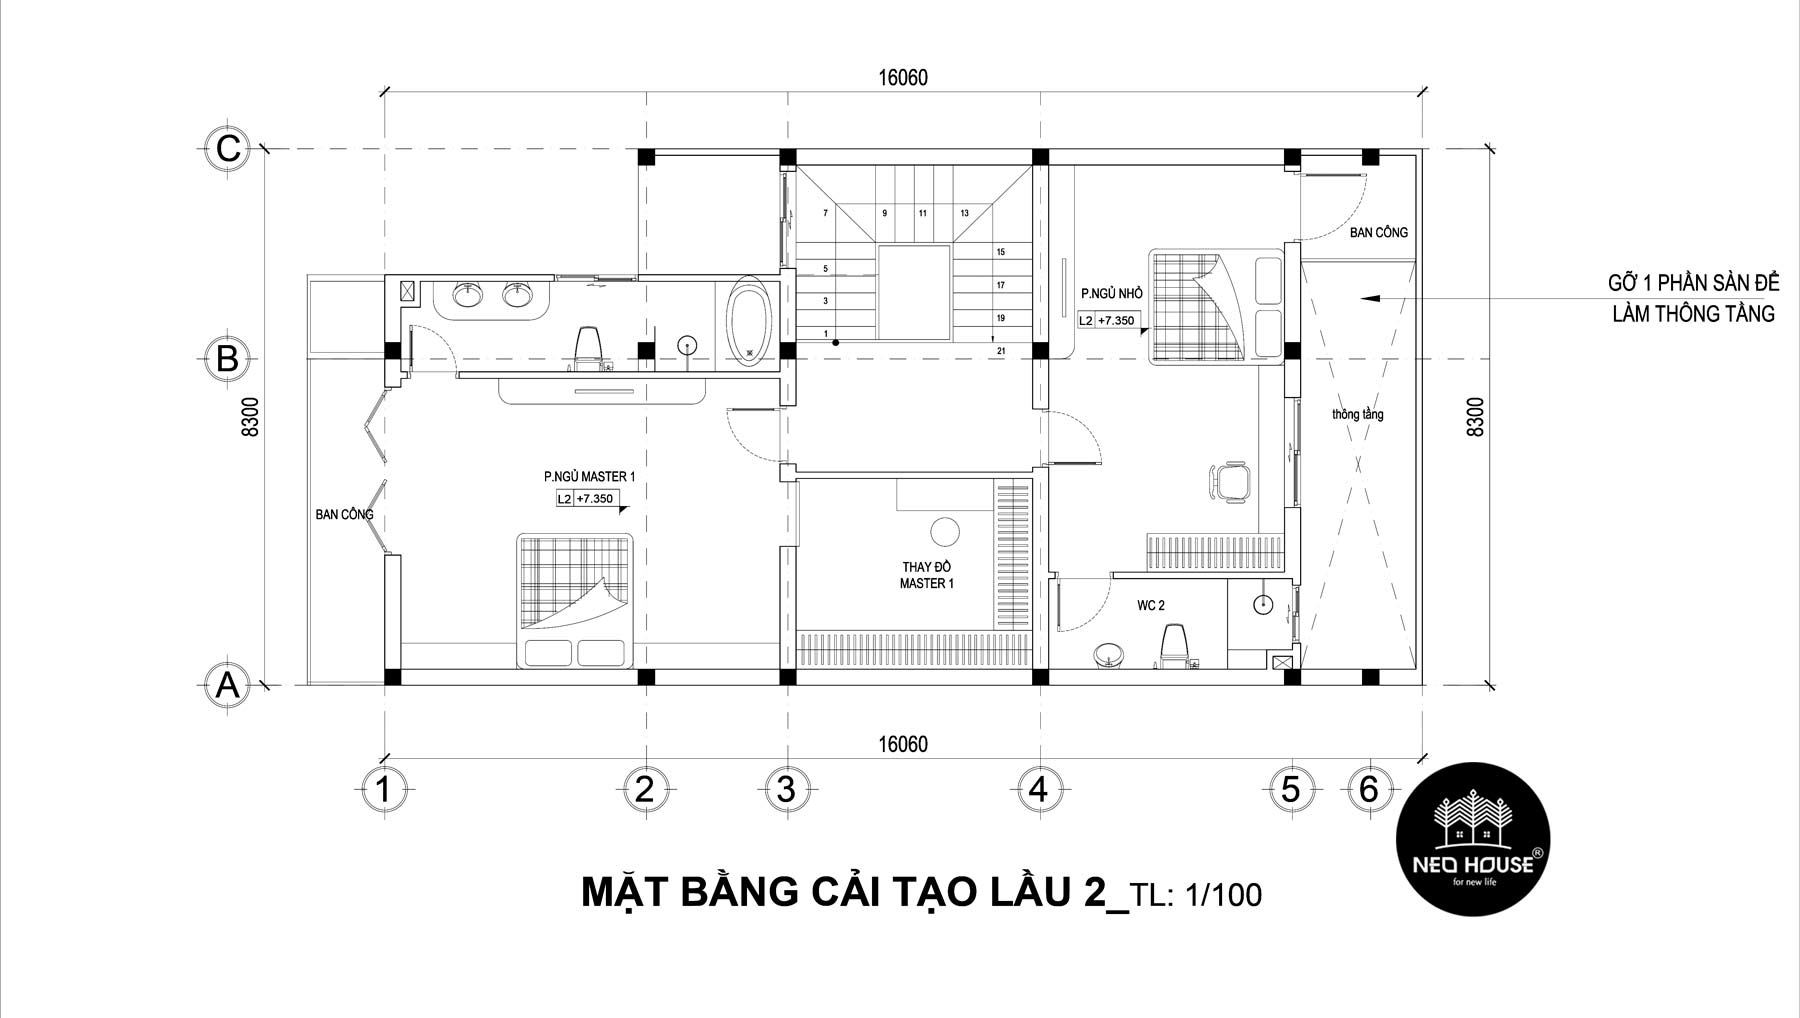 Bản vẽ mặt bằng thiết kế nhà phố 3 tầng hiện đại 3